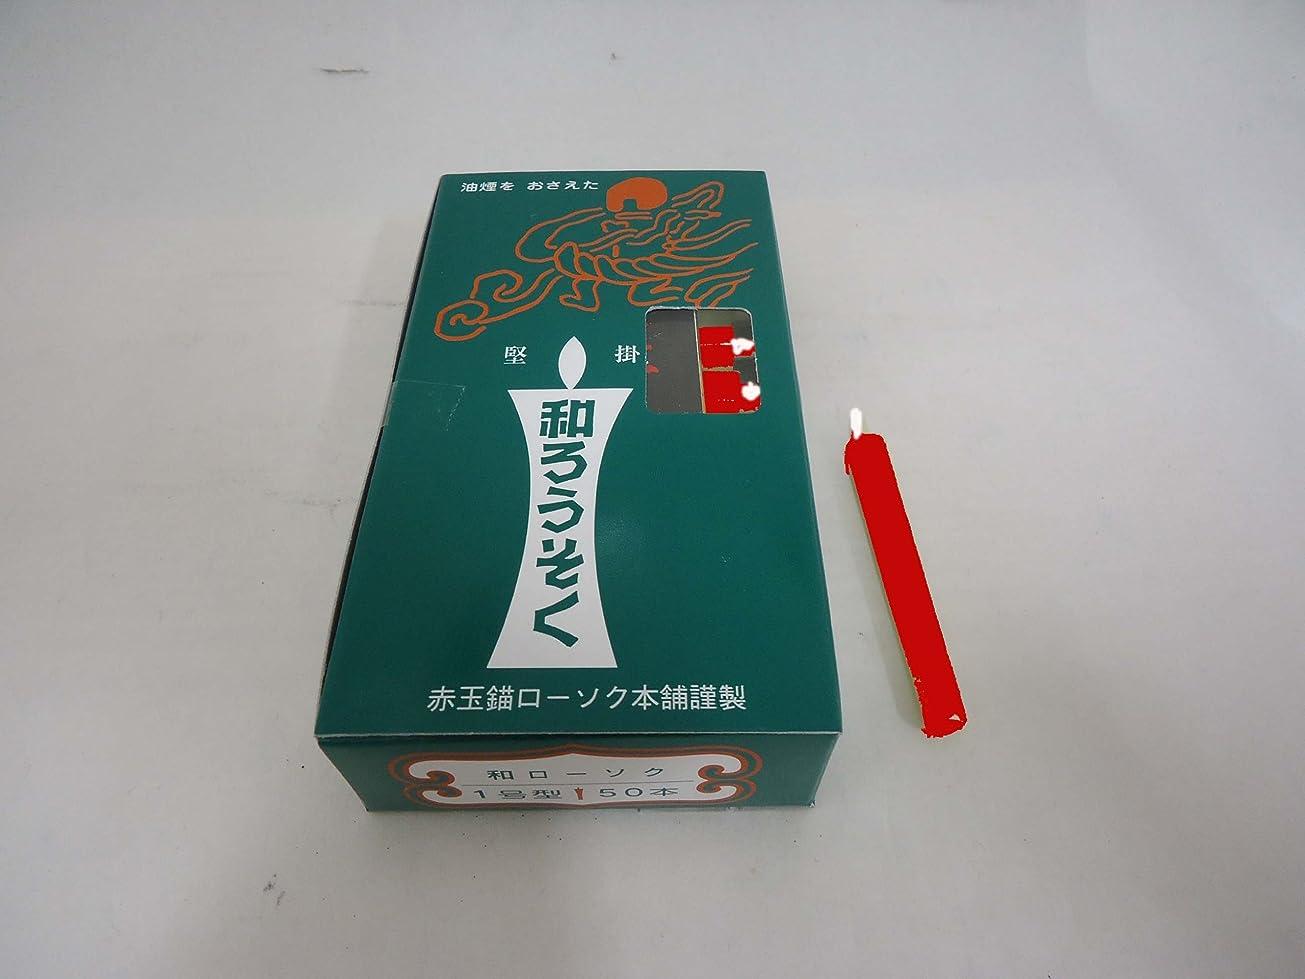 櫛ユニークな同時和ろうそく 型和蝋燭 ローソク【朱】棒 1号 朱色 50本入り 30分燃焼